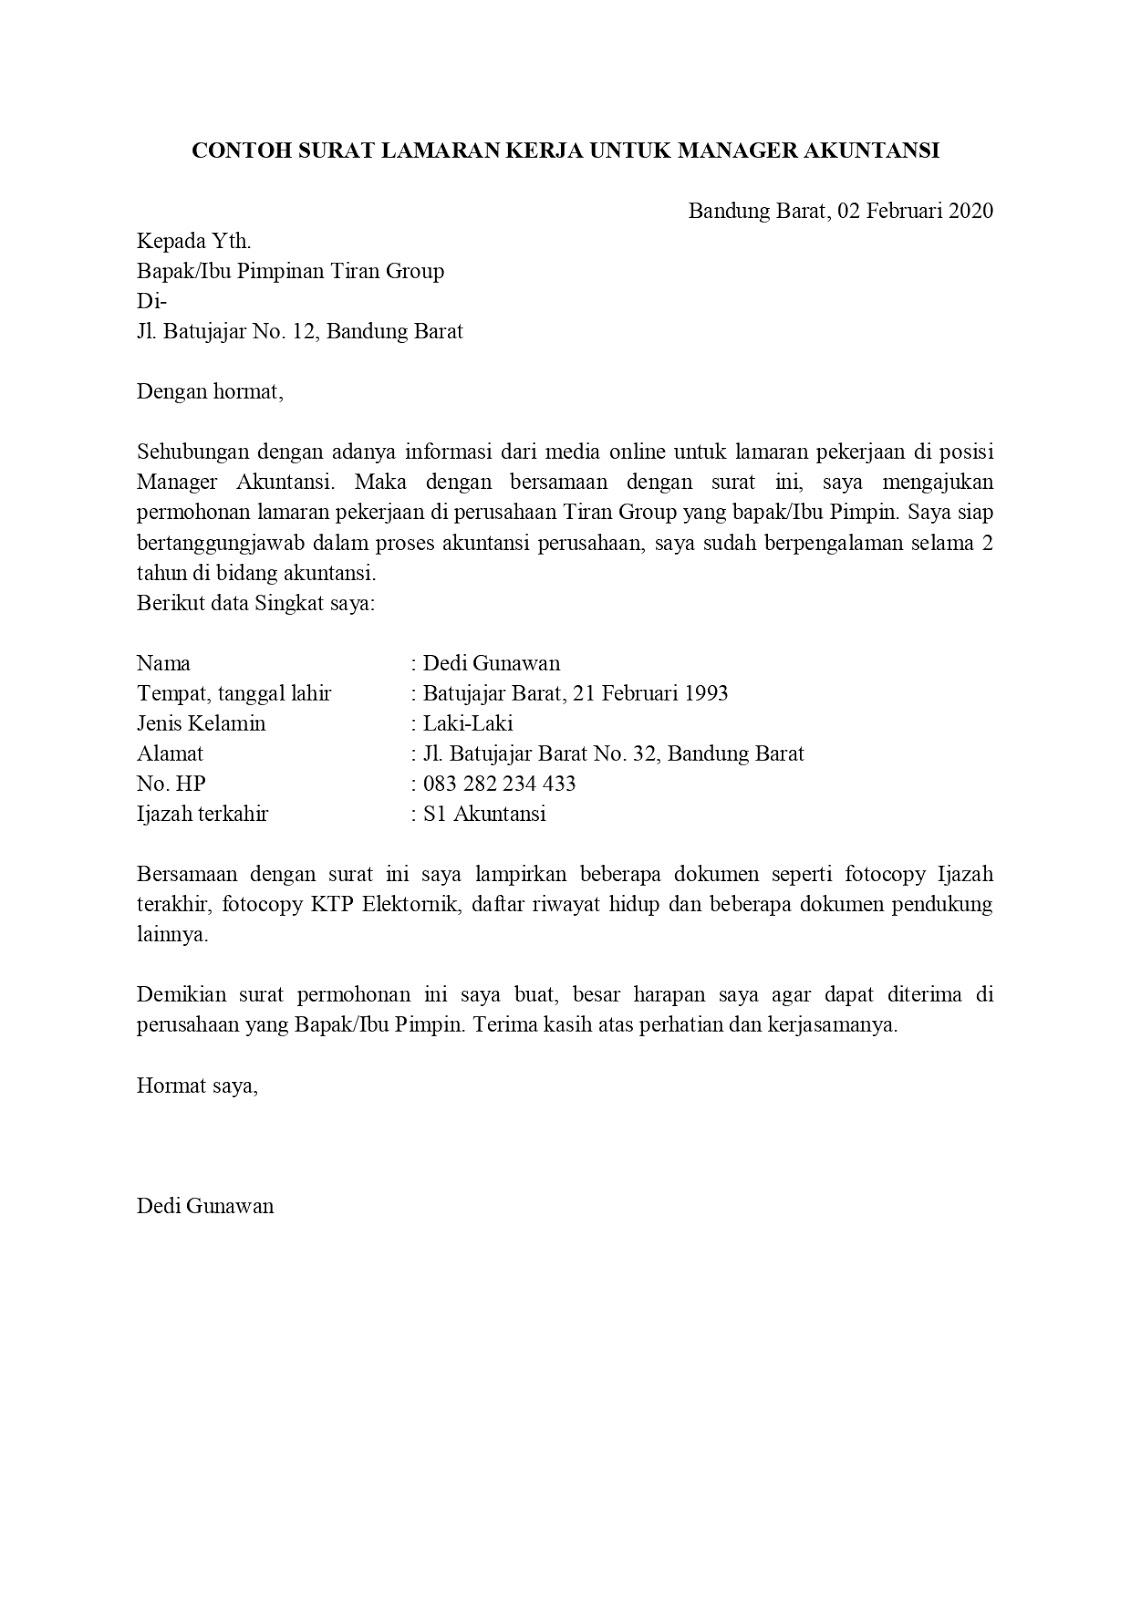 Contoh Surat Lamaran Pekerjaan Untuk Manajemen Tanpakoma